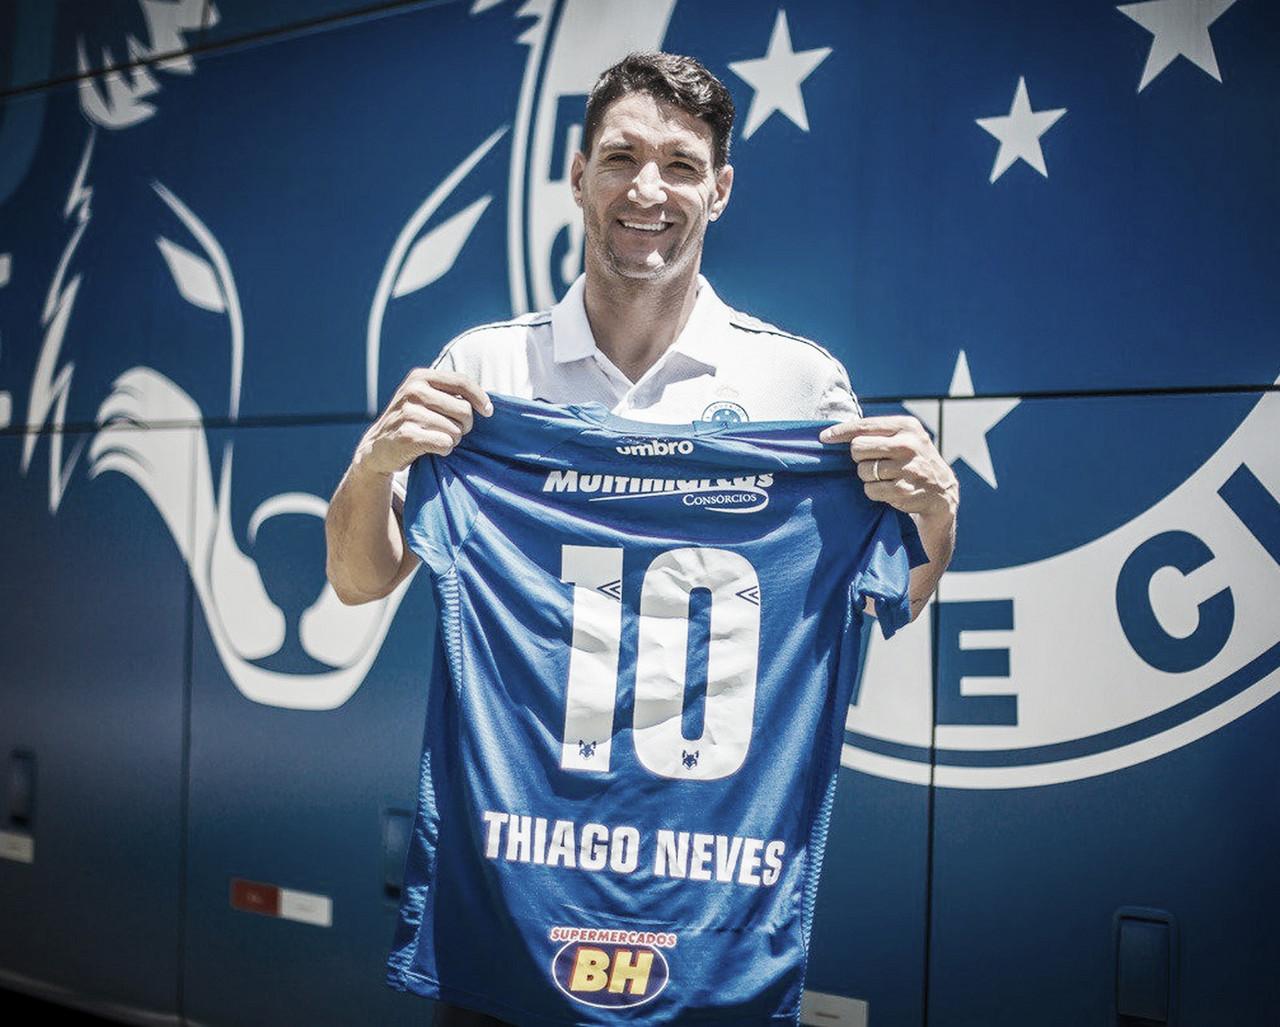 Cruzeiro anuncia Thiago Neves como camisa 10, e numeração de recém-contratados